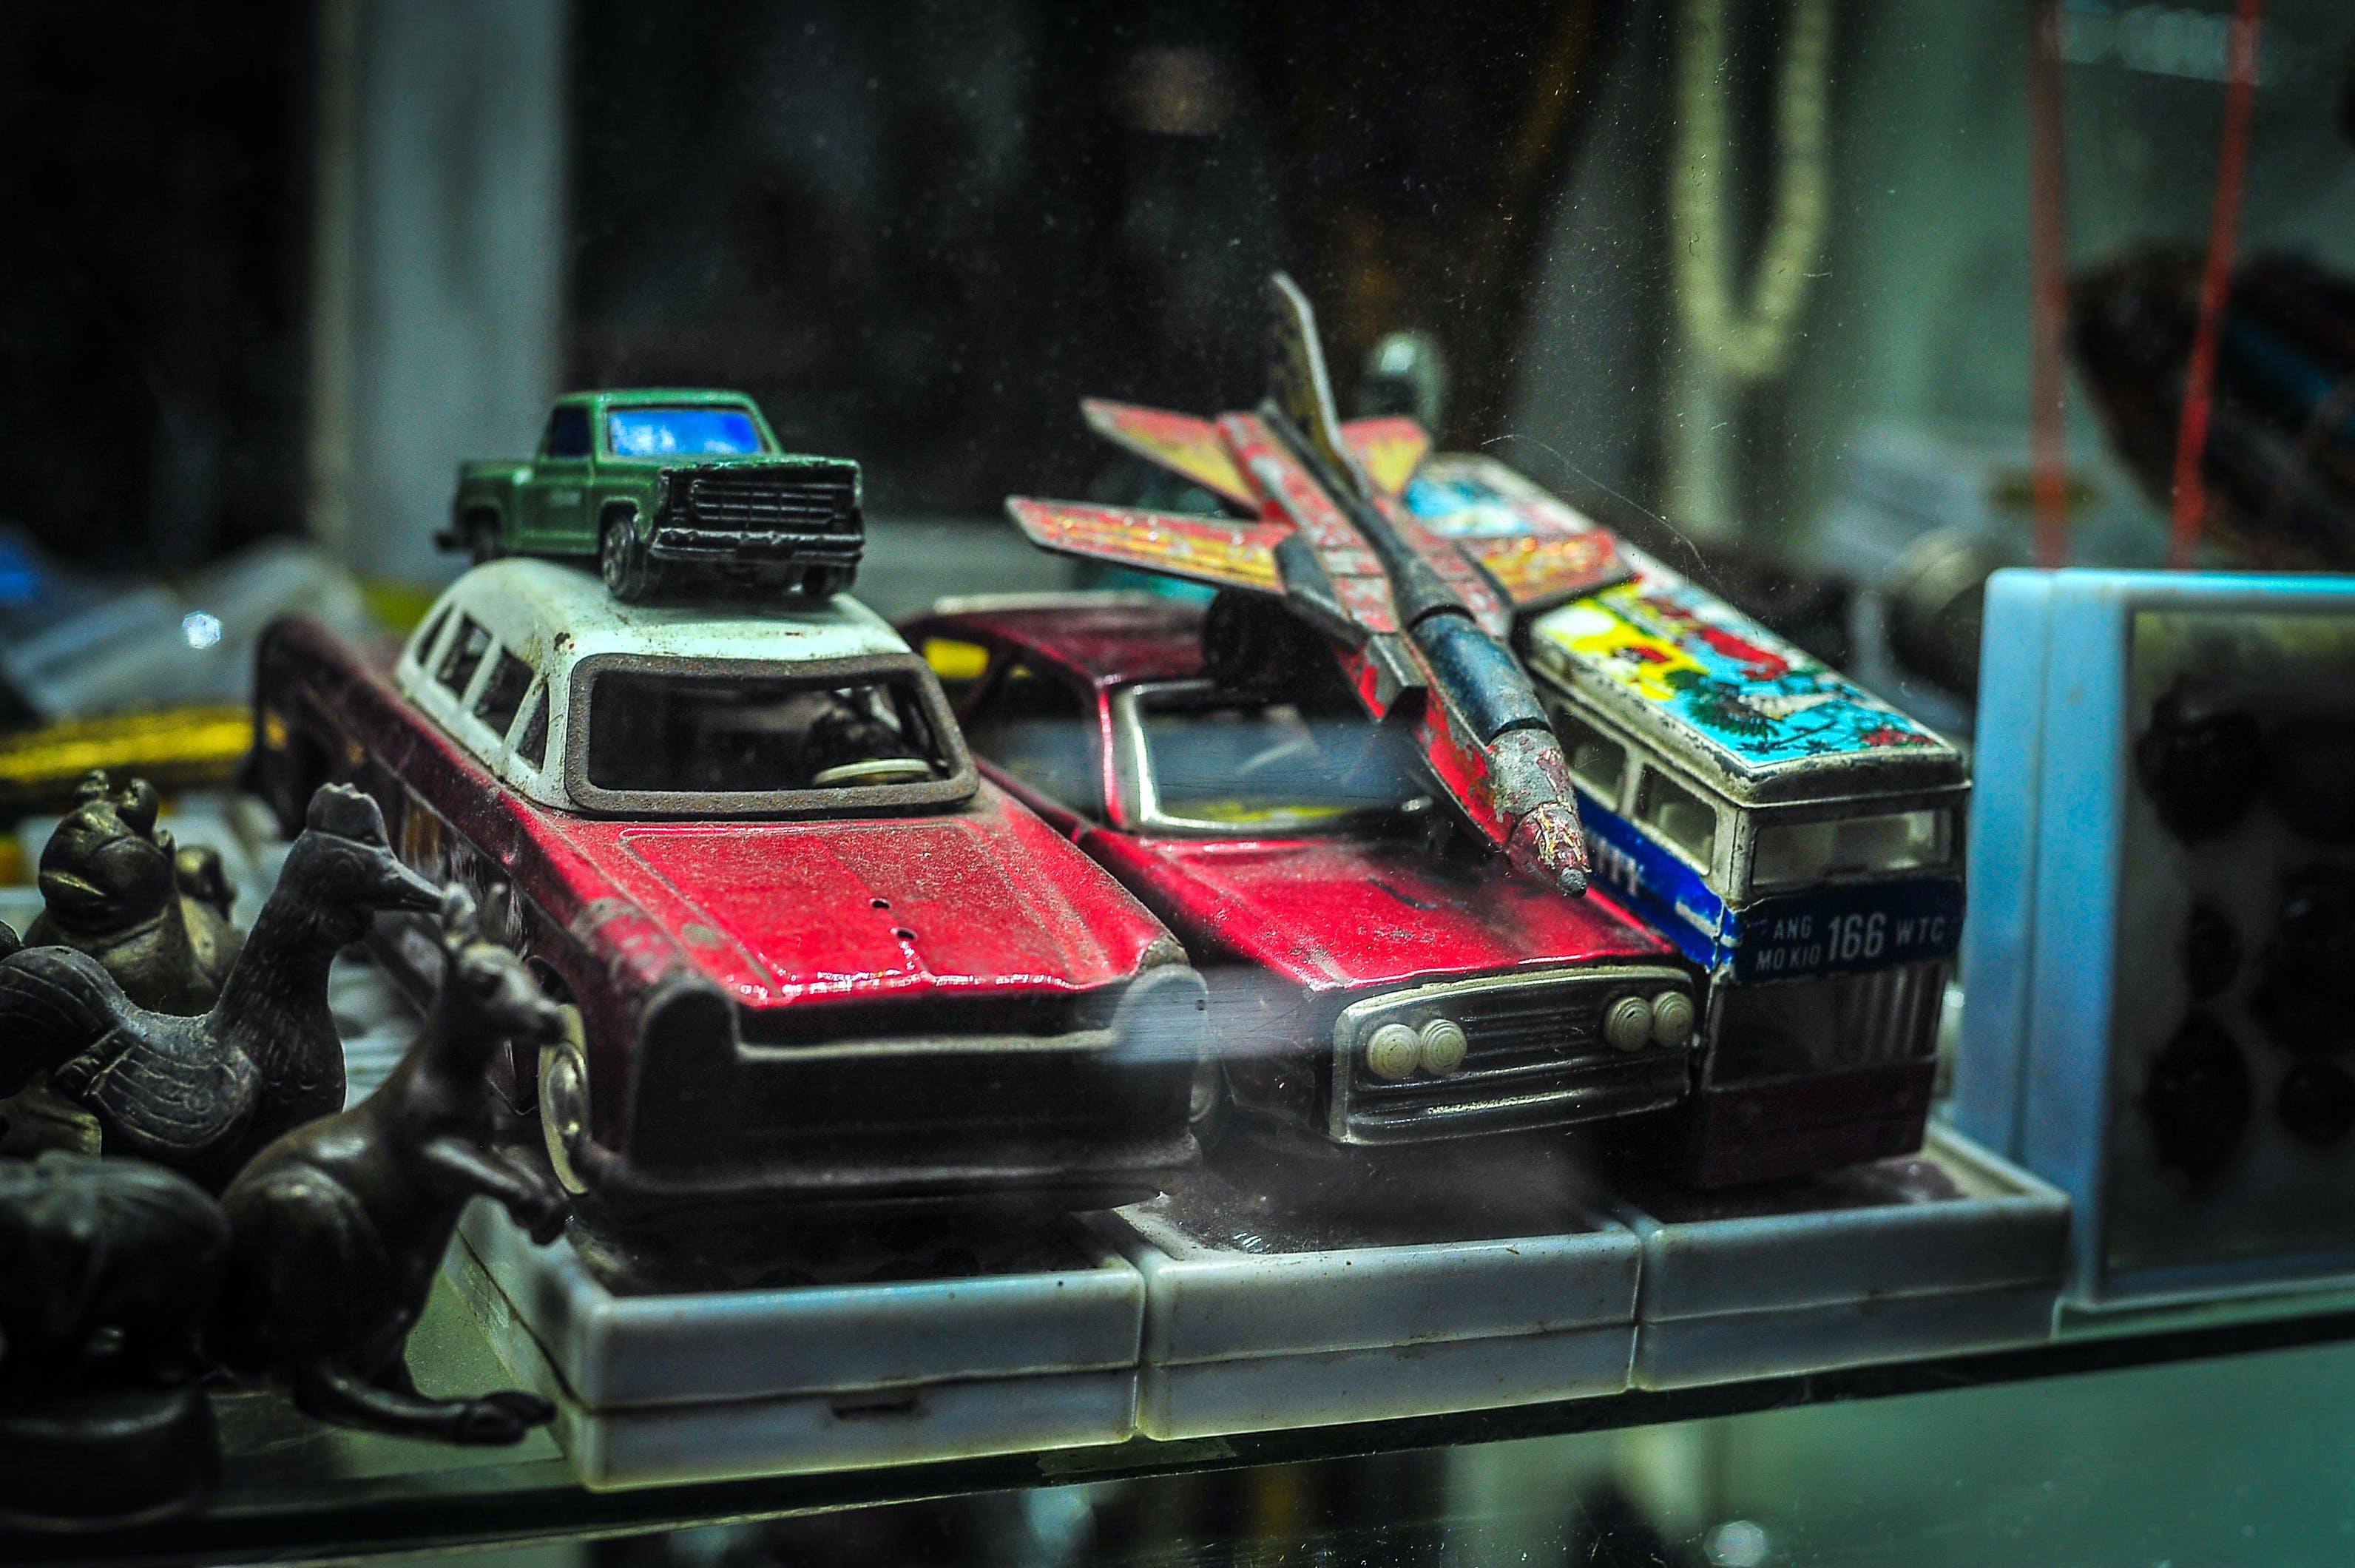 Free stock photo of retro, toys